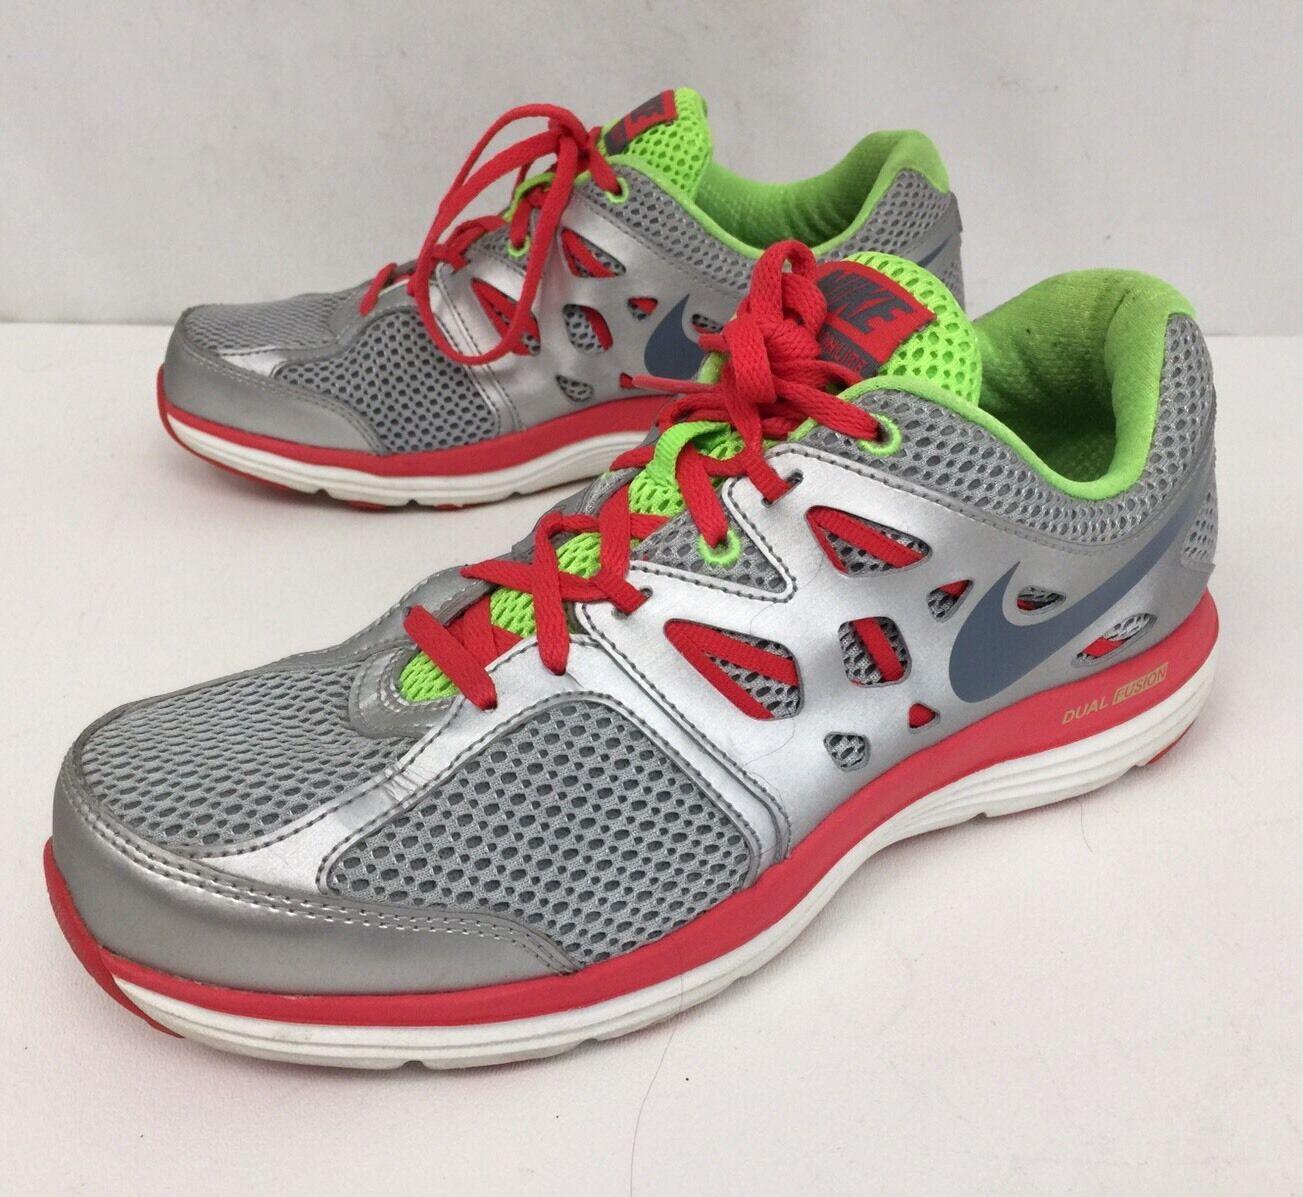 Nike donne donne donne dimensioni 7 grigio verde 599571-007 rosa doppia fusione delle scarpe da corsa atletica | Lo stile più nuovo  | Uomo/Donne Scarpa  ad9cff